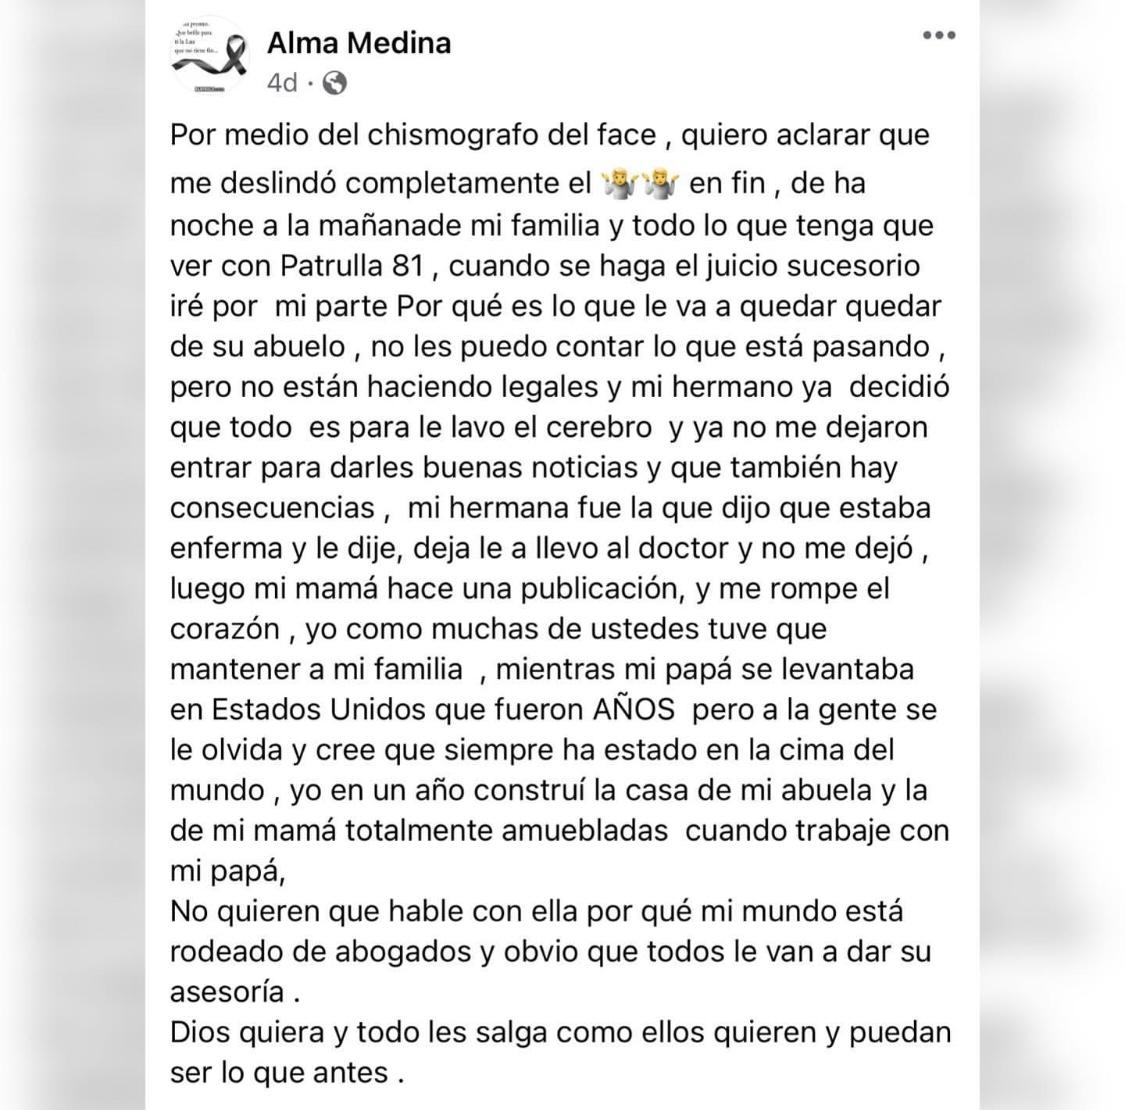 FACEBOOK Alma Medina